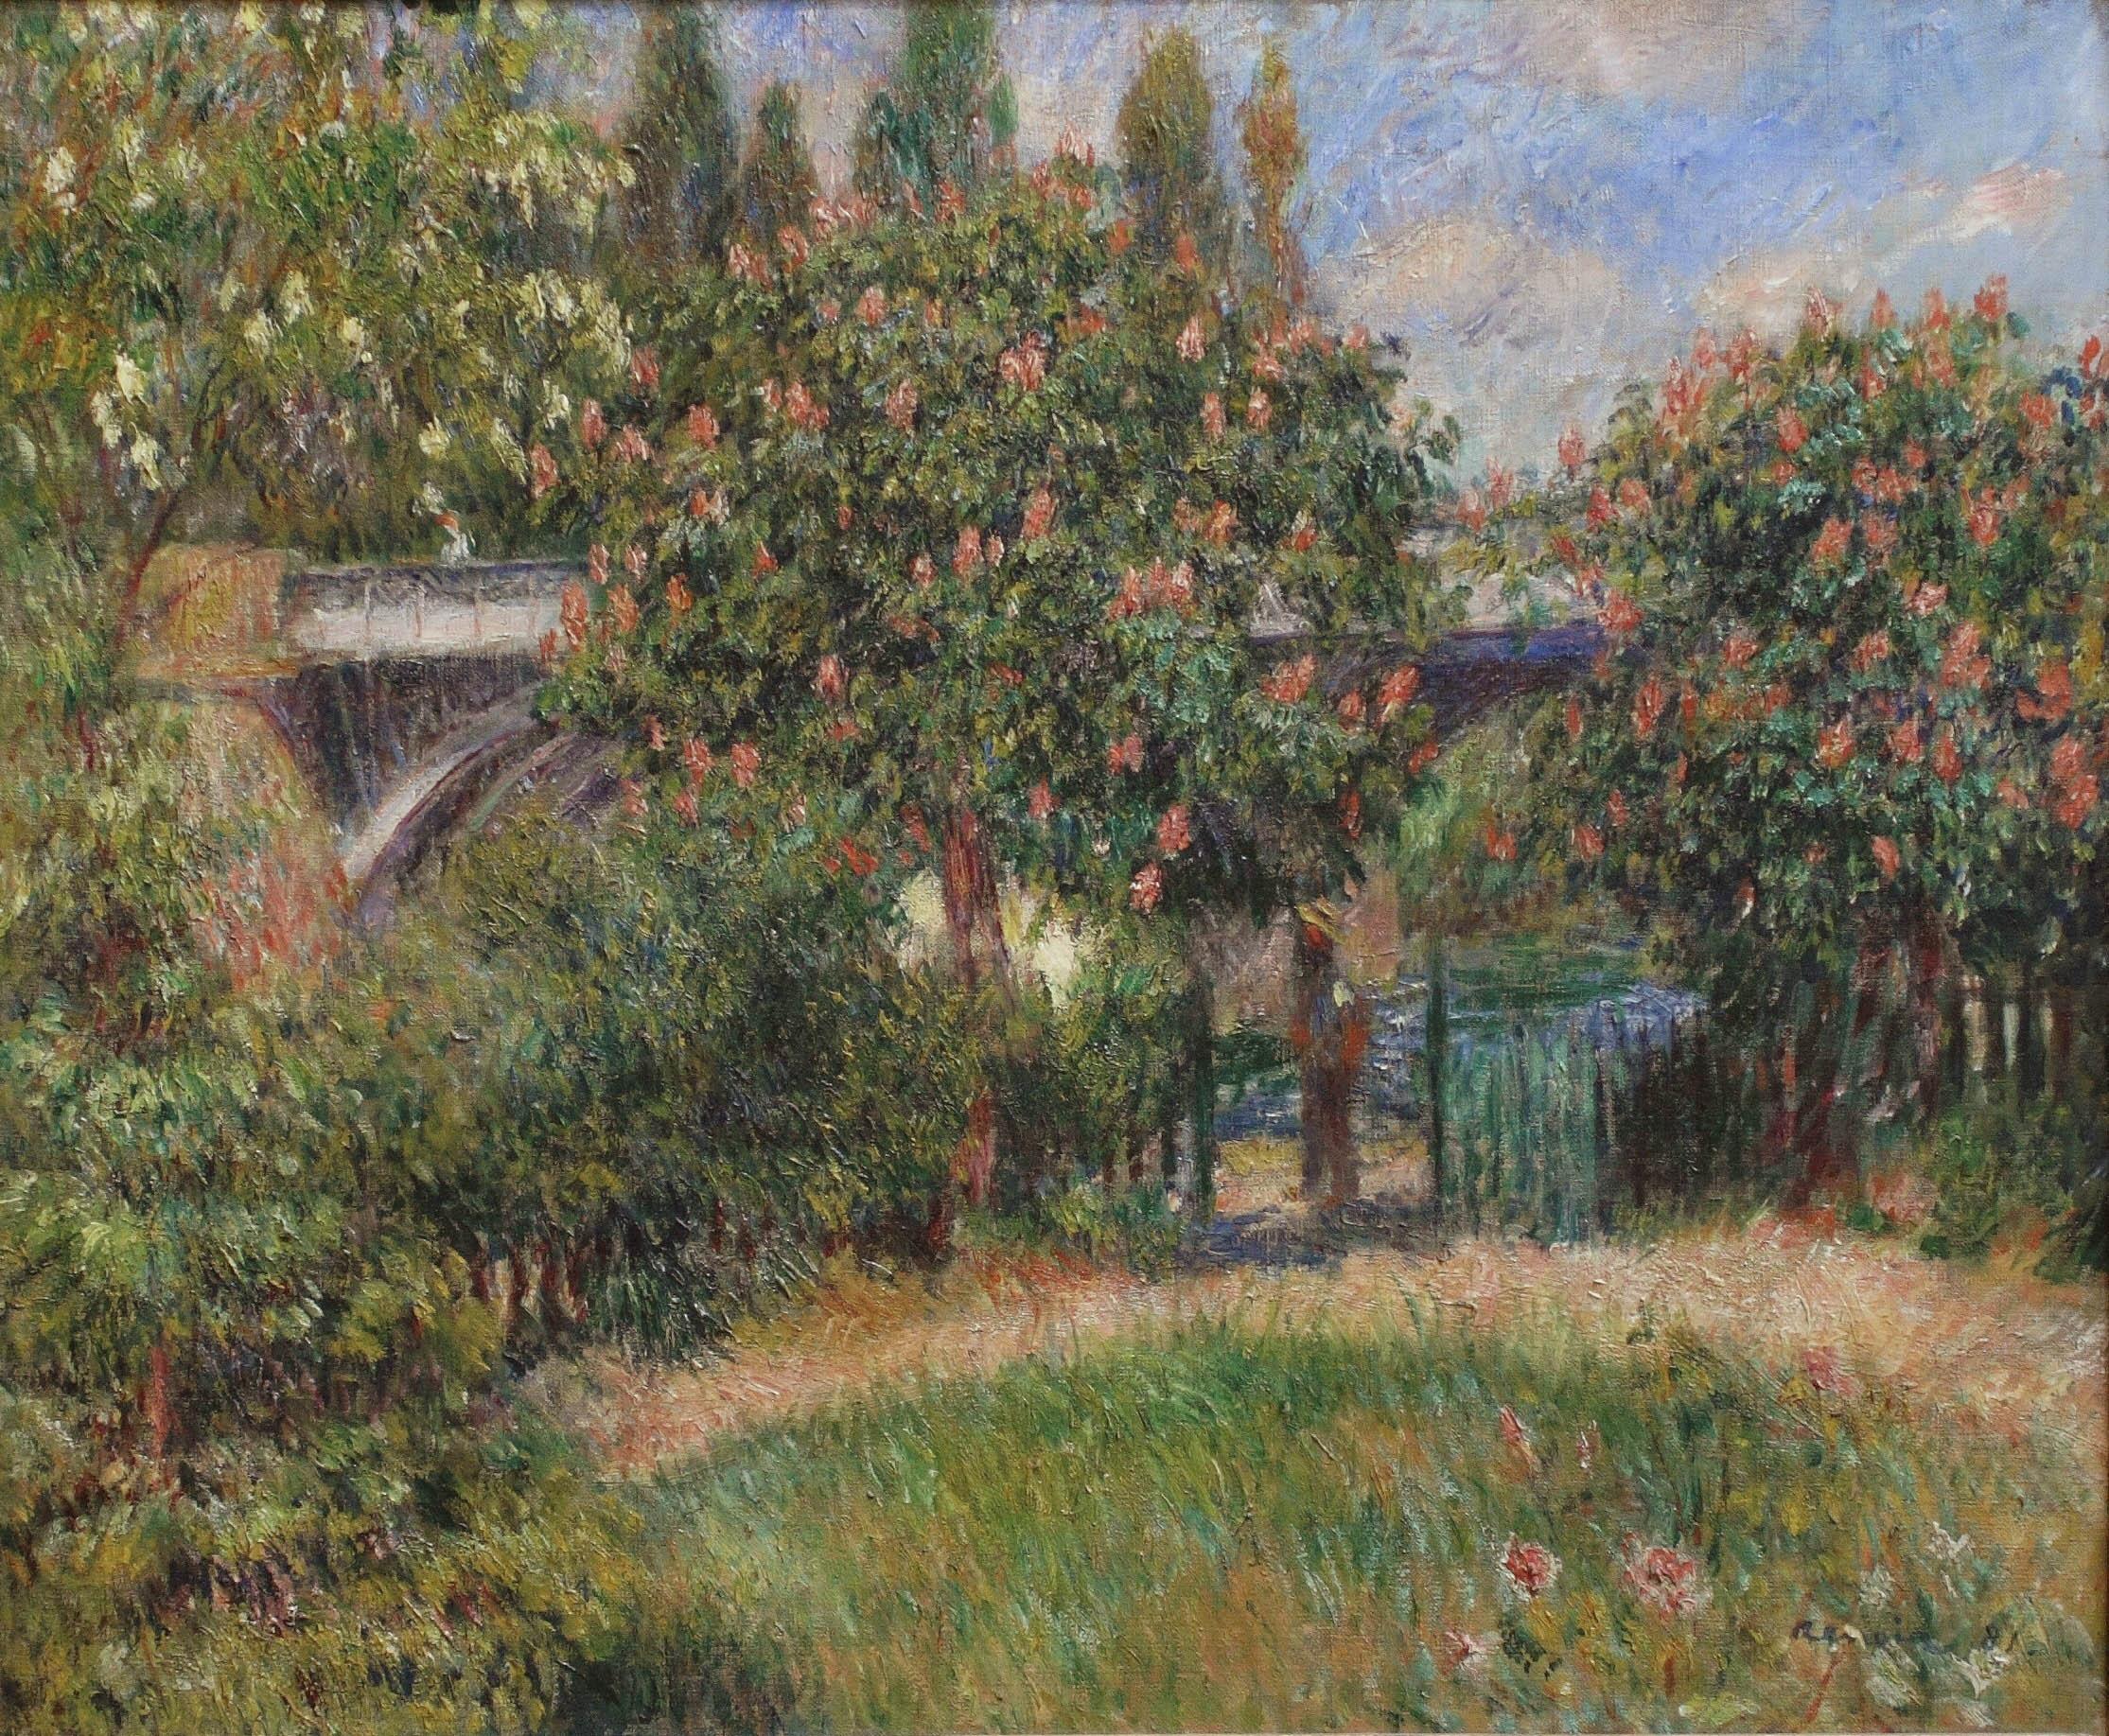 Художник Ренуар Renoir Pont du chemin de fer à Chatou пейзажи природы Альберт Сафиуллин